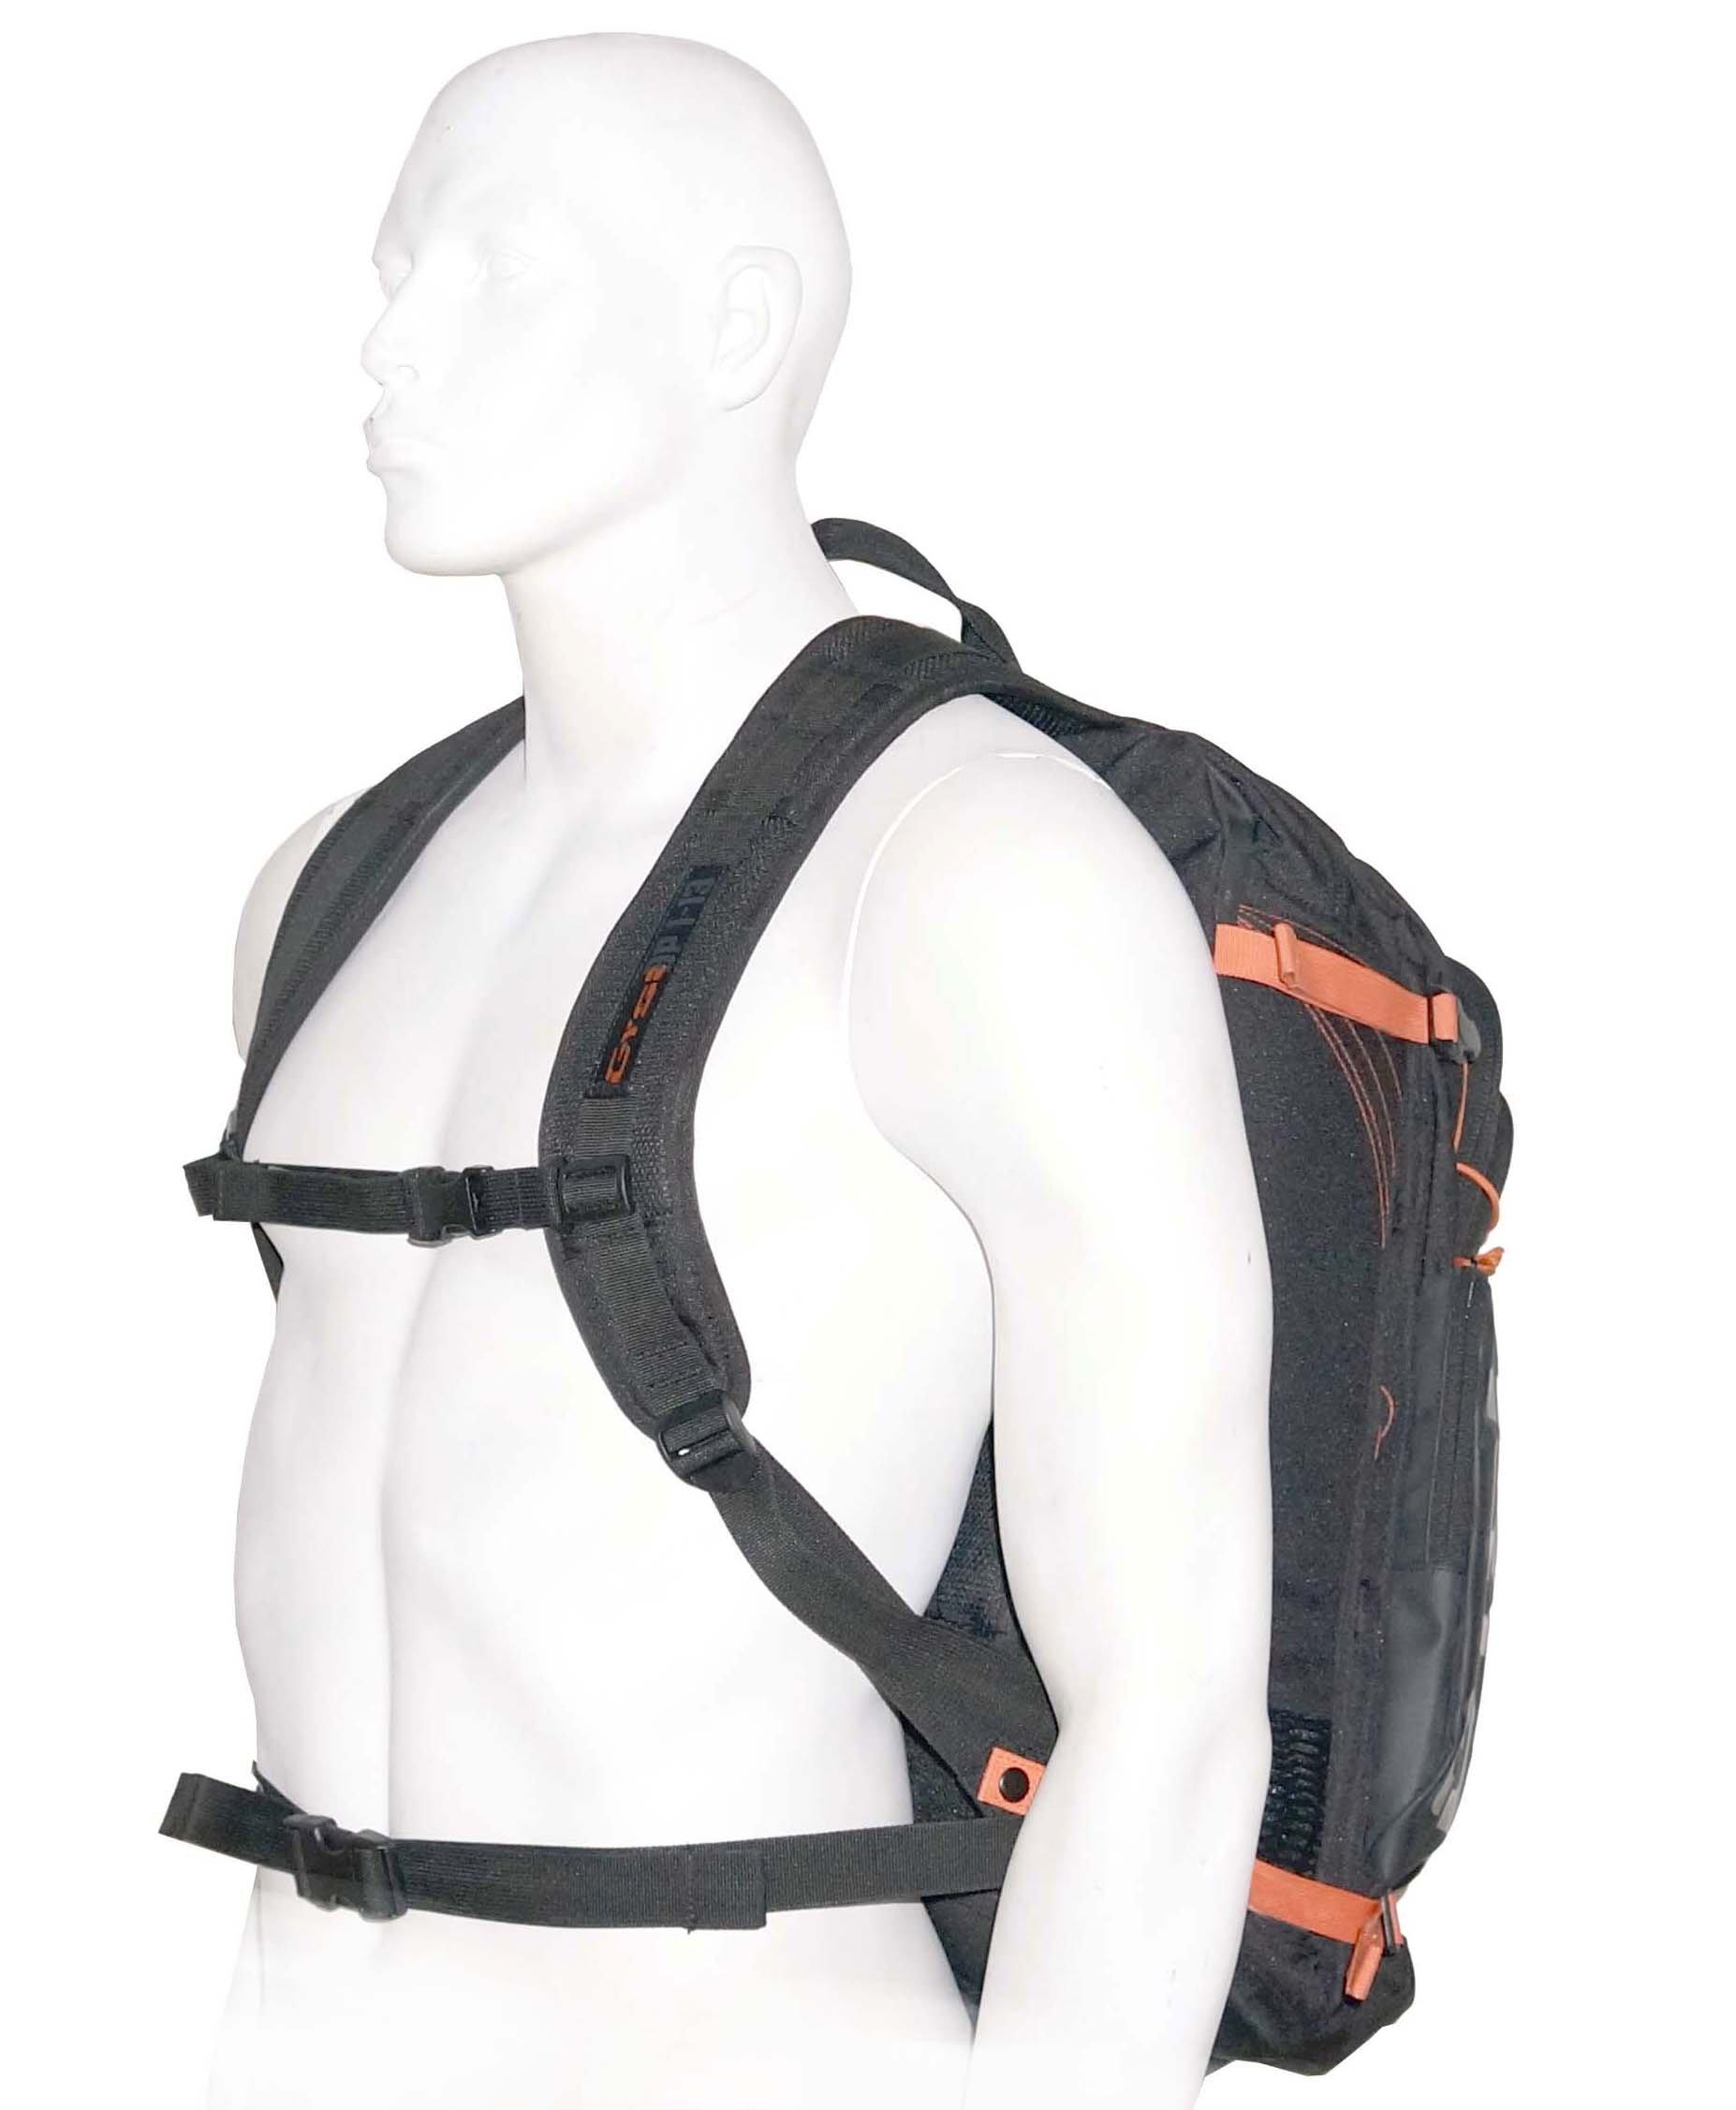 Gyst Concept Transition Bag Backpack